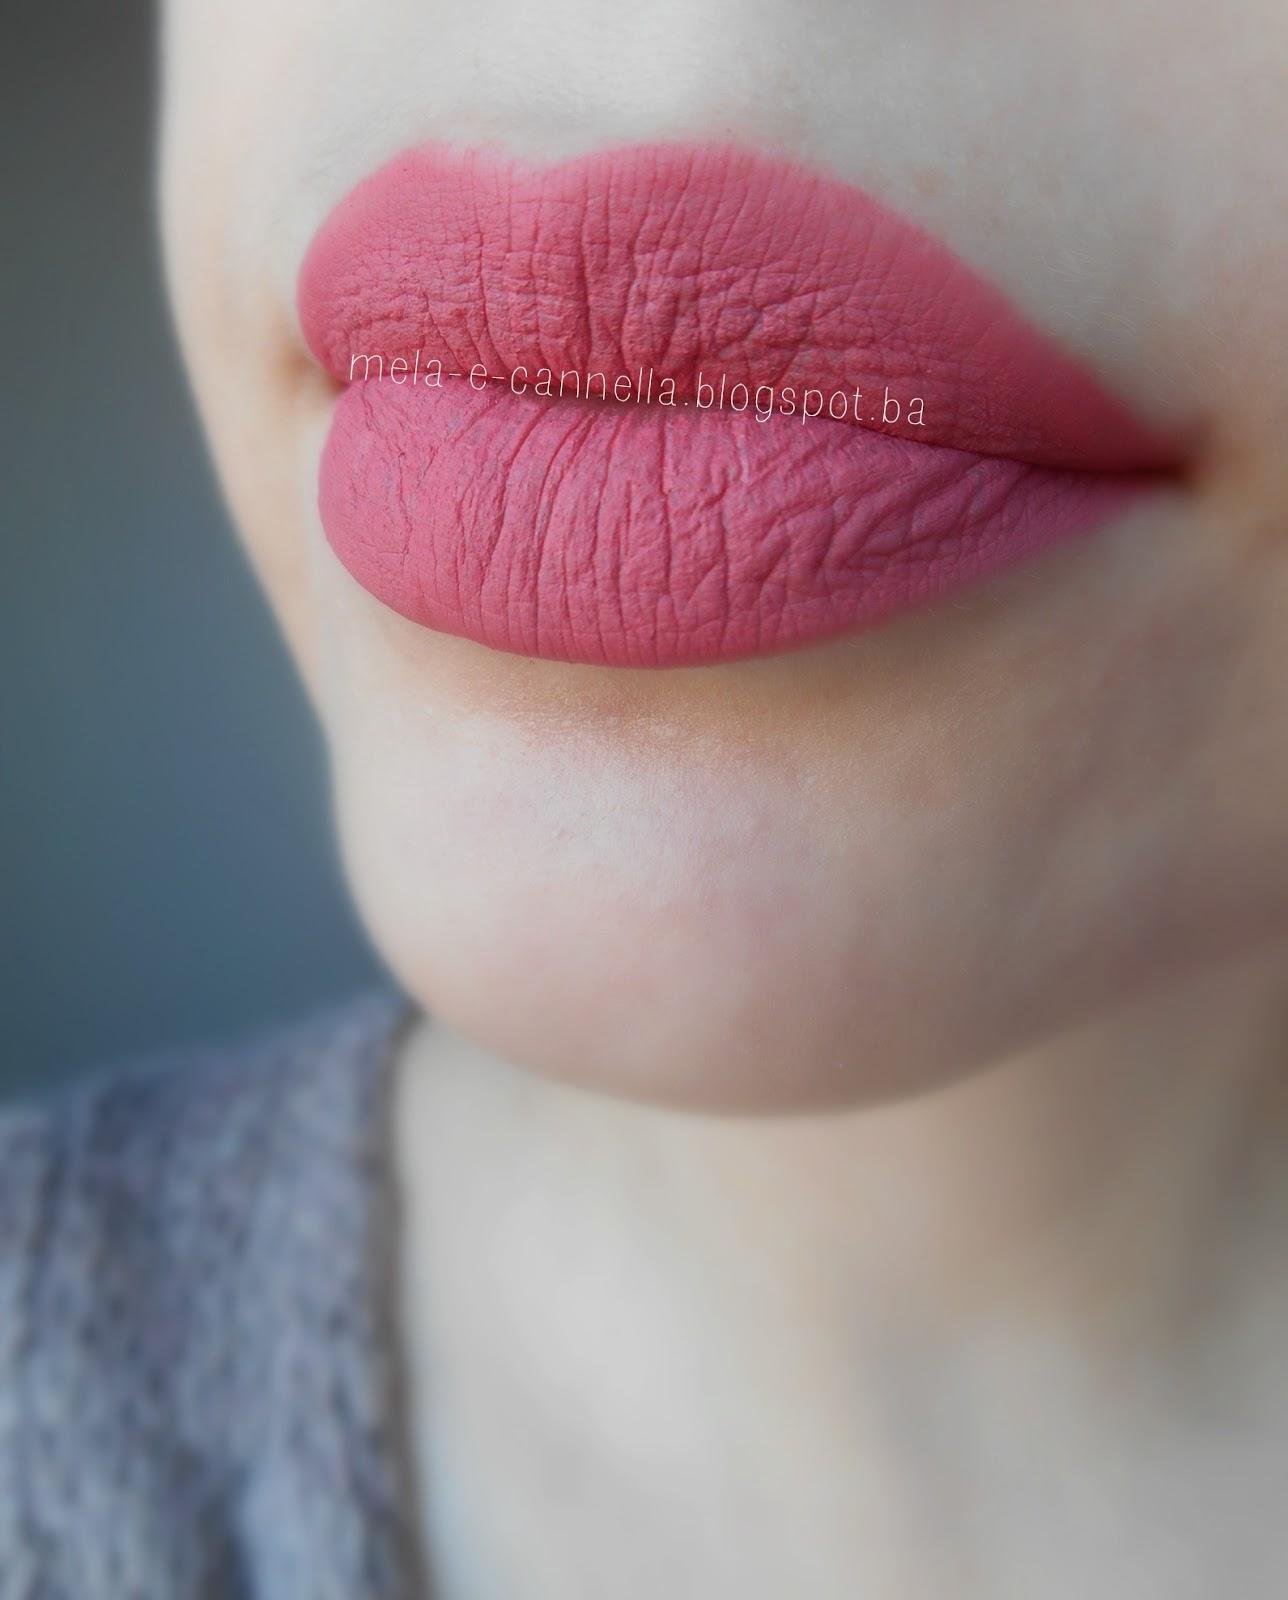 mela-e-cannella: Avon True Color Matte Lipstick - Peach